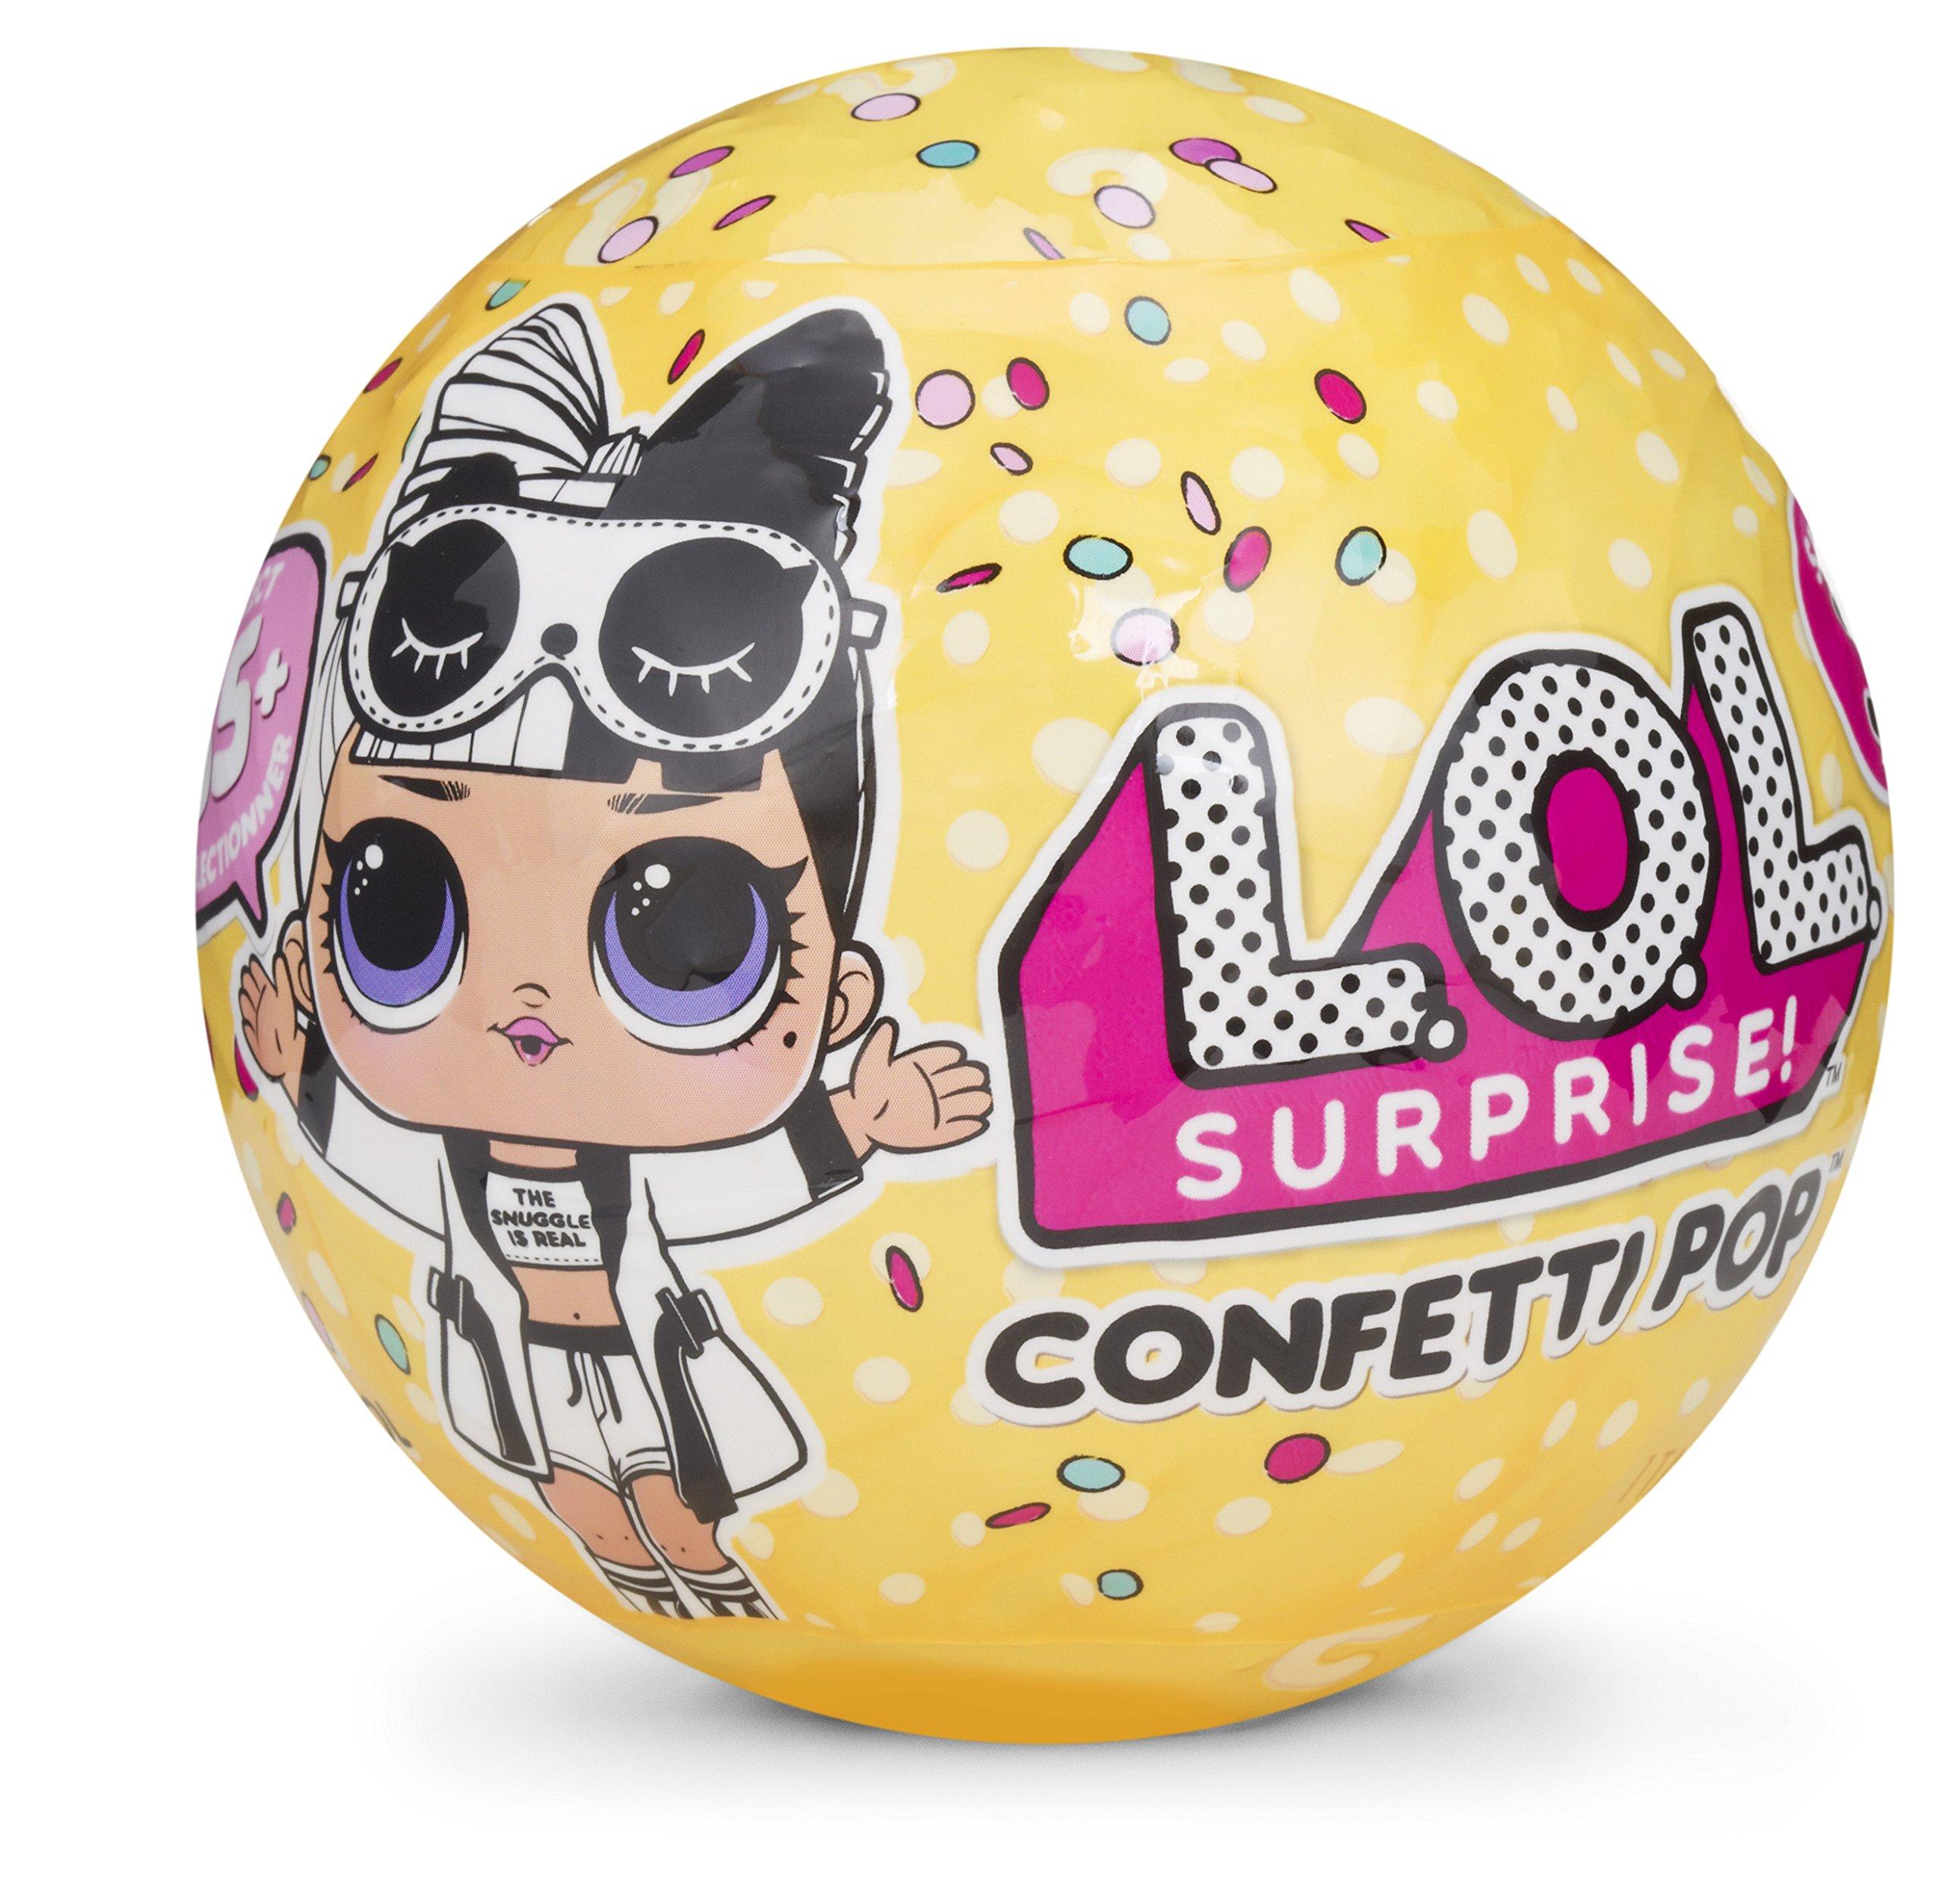 LOL 서프라이즈 컨페티팝 시리즈3 인형 LOL Surprise! Confetti Pop - Series 3 Collectible Dolls,Blue